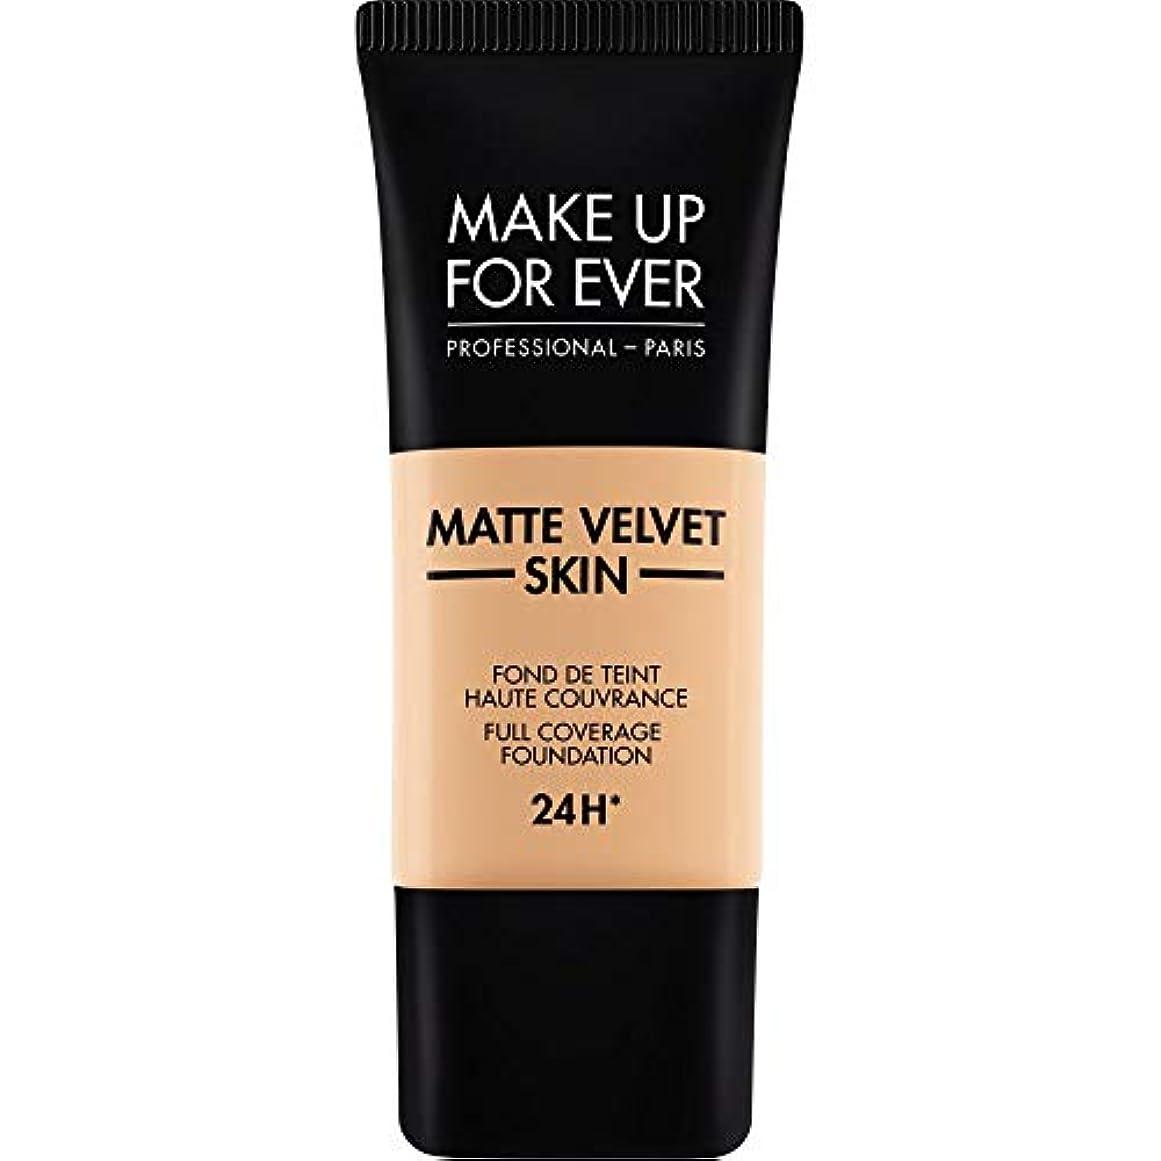 ミシン目みがきます彼女[MAKE UP FOR EVER] ソフトベージュ - これまでマットベルベットの皮膚のフルカバレッジ基礎30ミリリットルのY305を補います - MAKE UP FOR EVER Matte Velvet Skin...